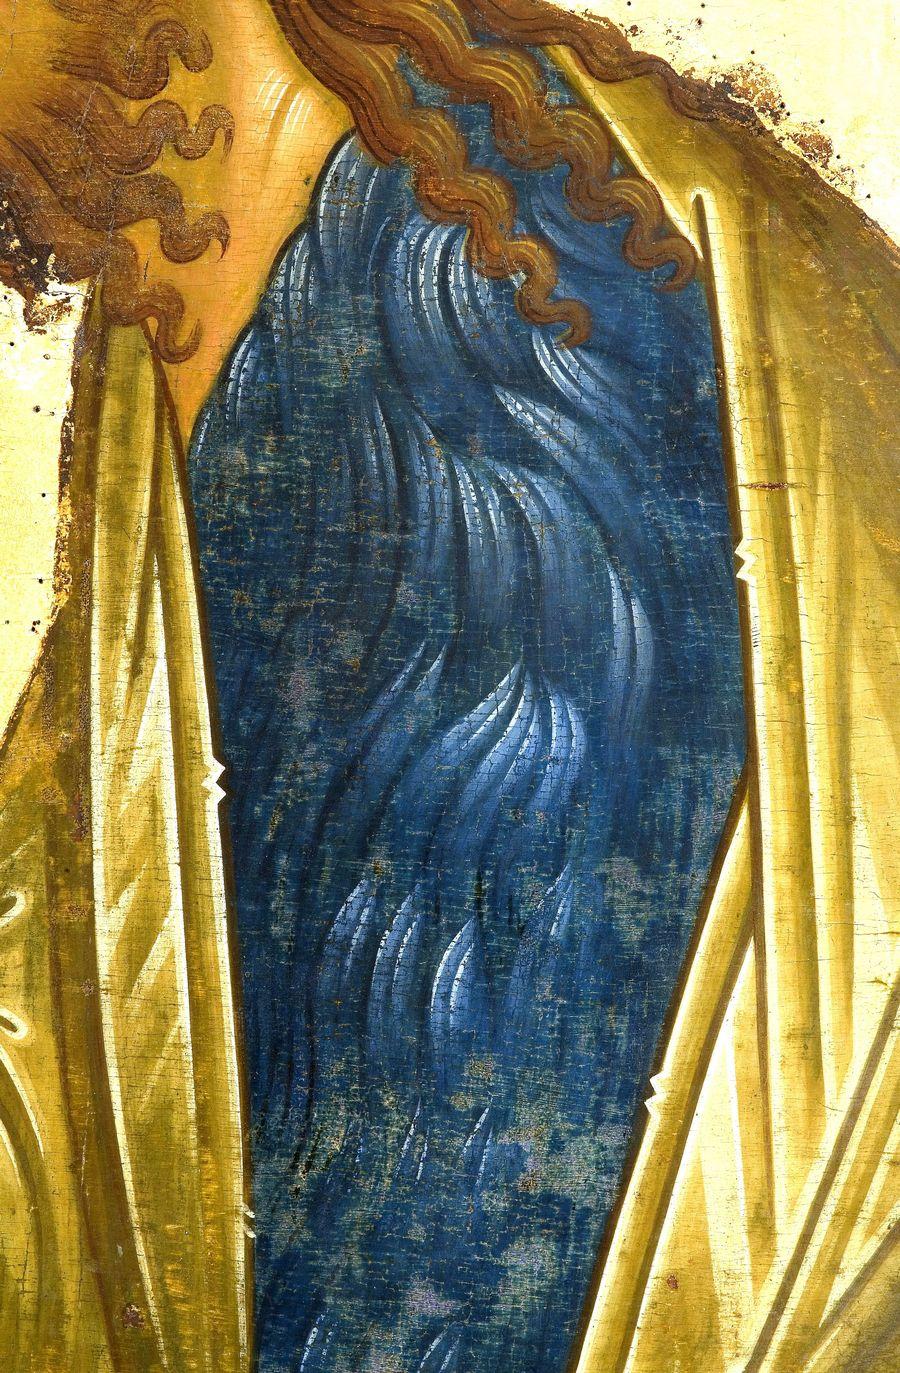 Святой Пророк, Предтеча и Креститель Господень Иоанн. Икона из деисусного ряда иконостаса Успенского собора Кирилло-Белозерского монастыря. 1497 год. Кирилло-Белозерский музей-заповедник. Фрагмент.